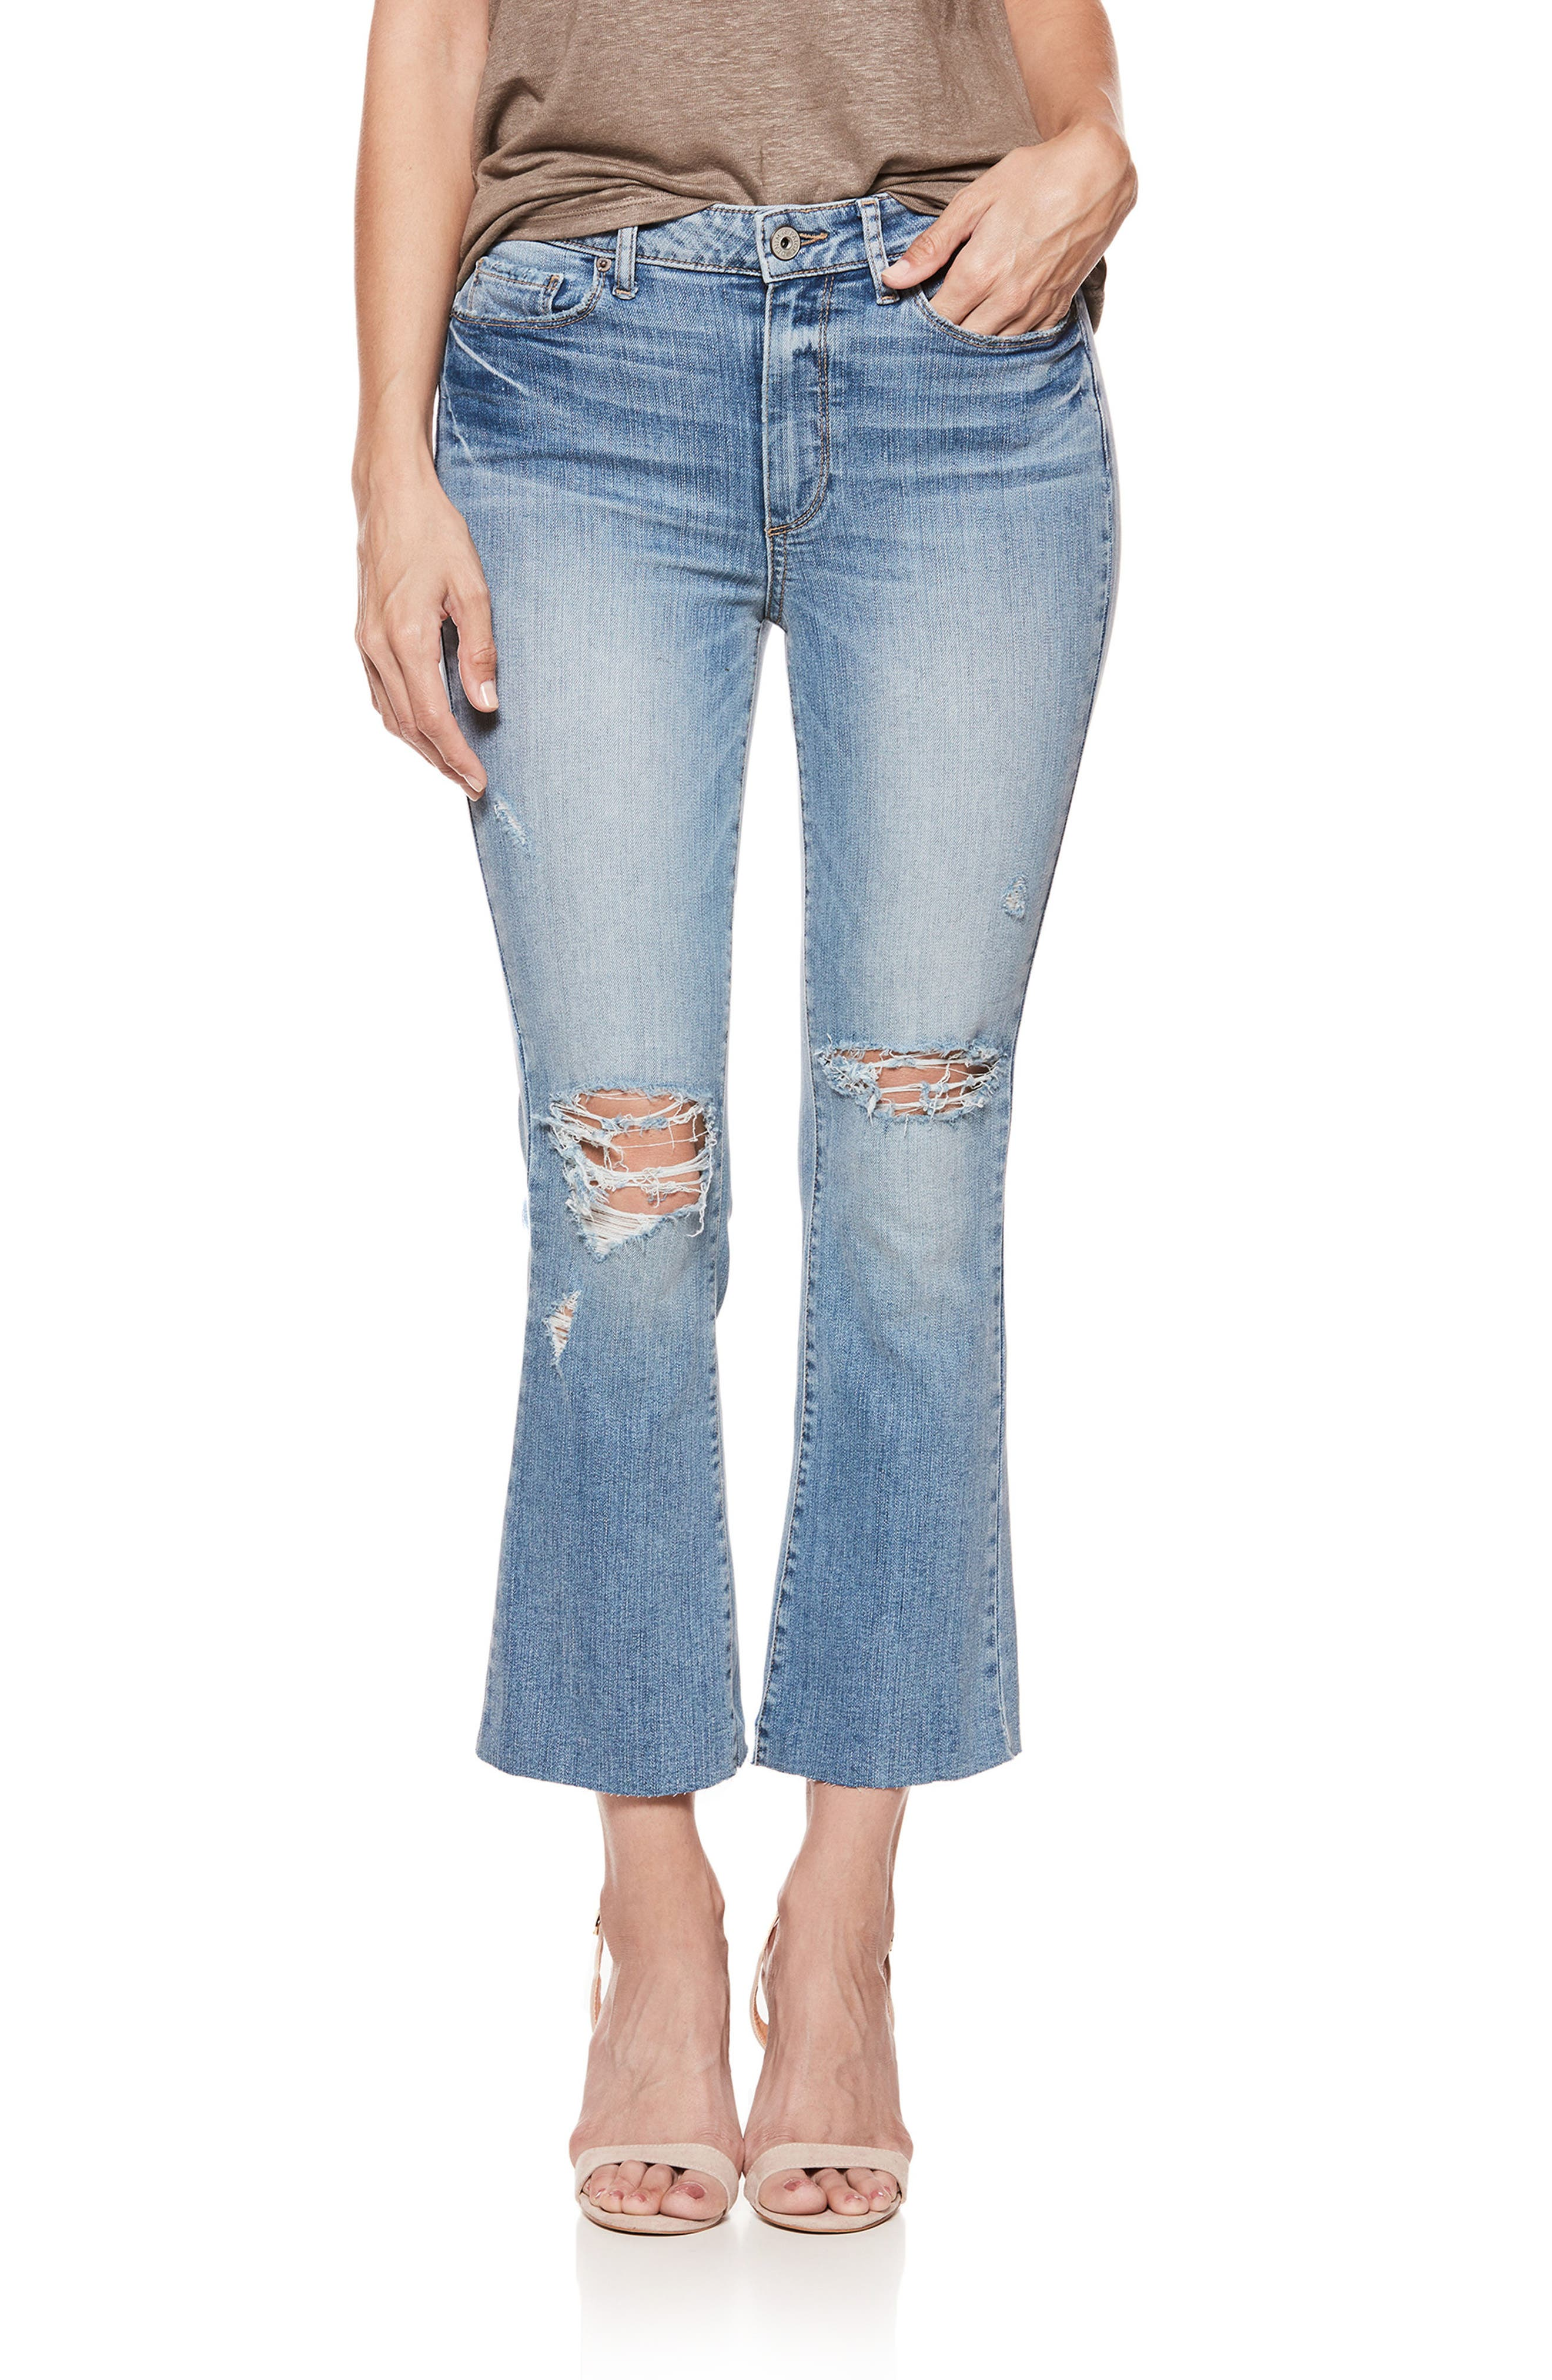 PAIGE, Colette High Waist Crop Flare Jeans, Main thumbnail 1, color, 400